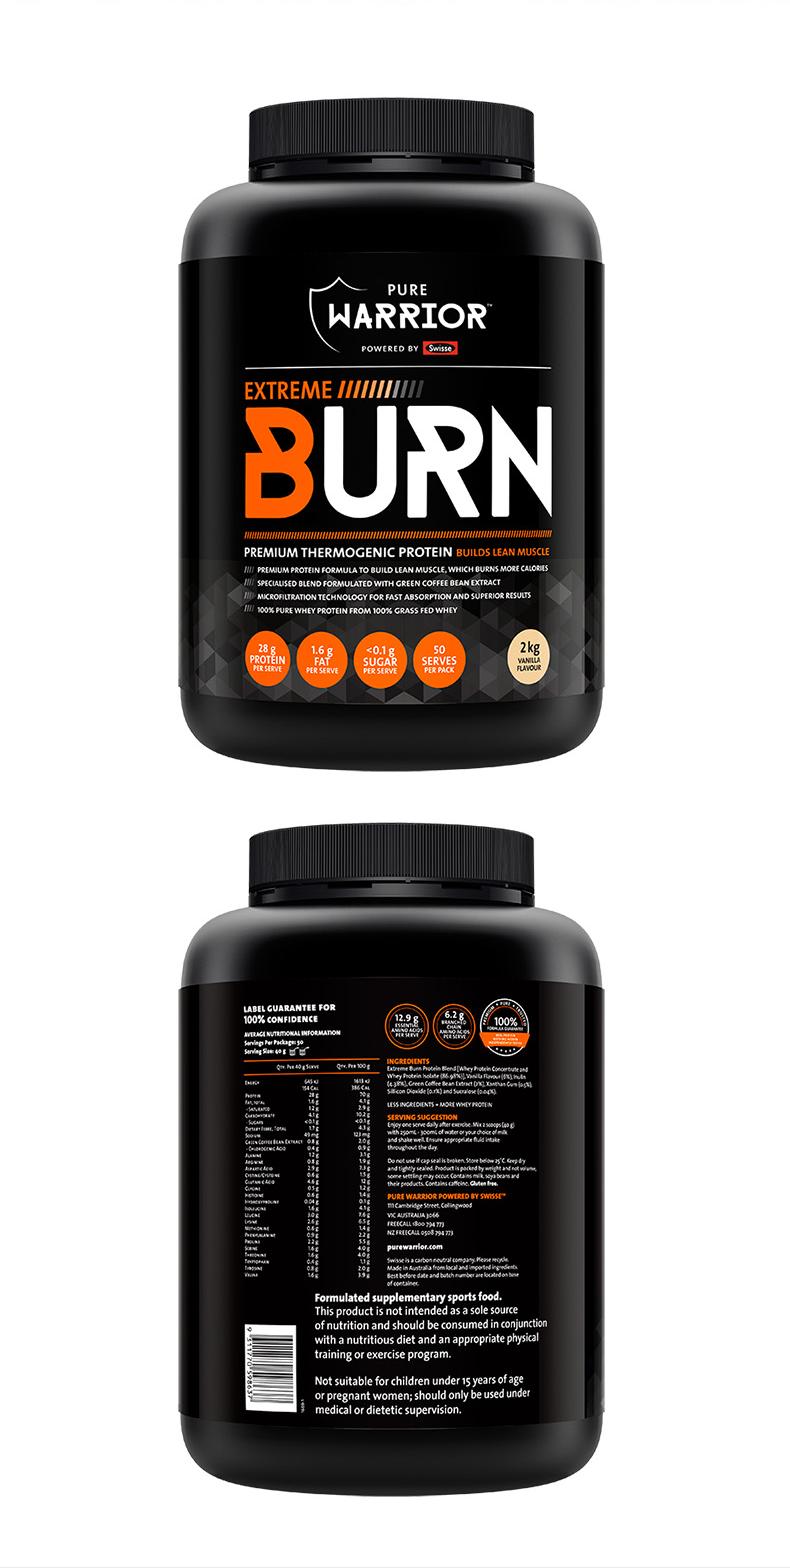 【新】Swisse乳清蛋白粉Pure Warrior健身粉香草味2kg增肌塑型 运动营养 第6张